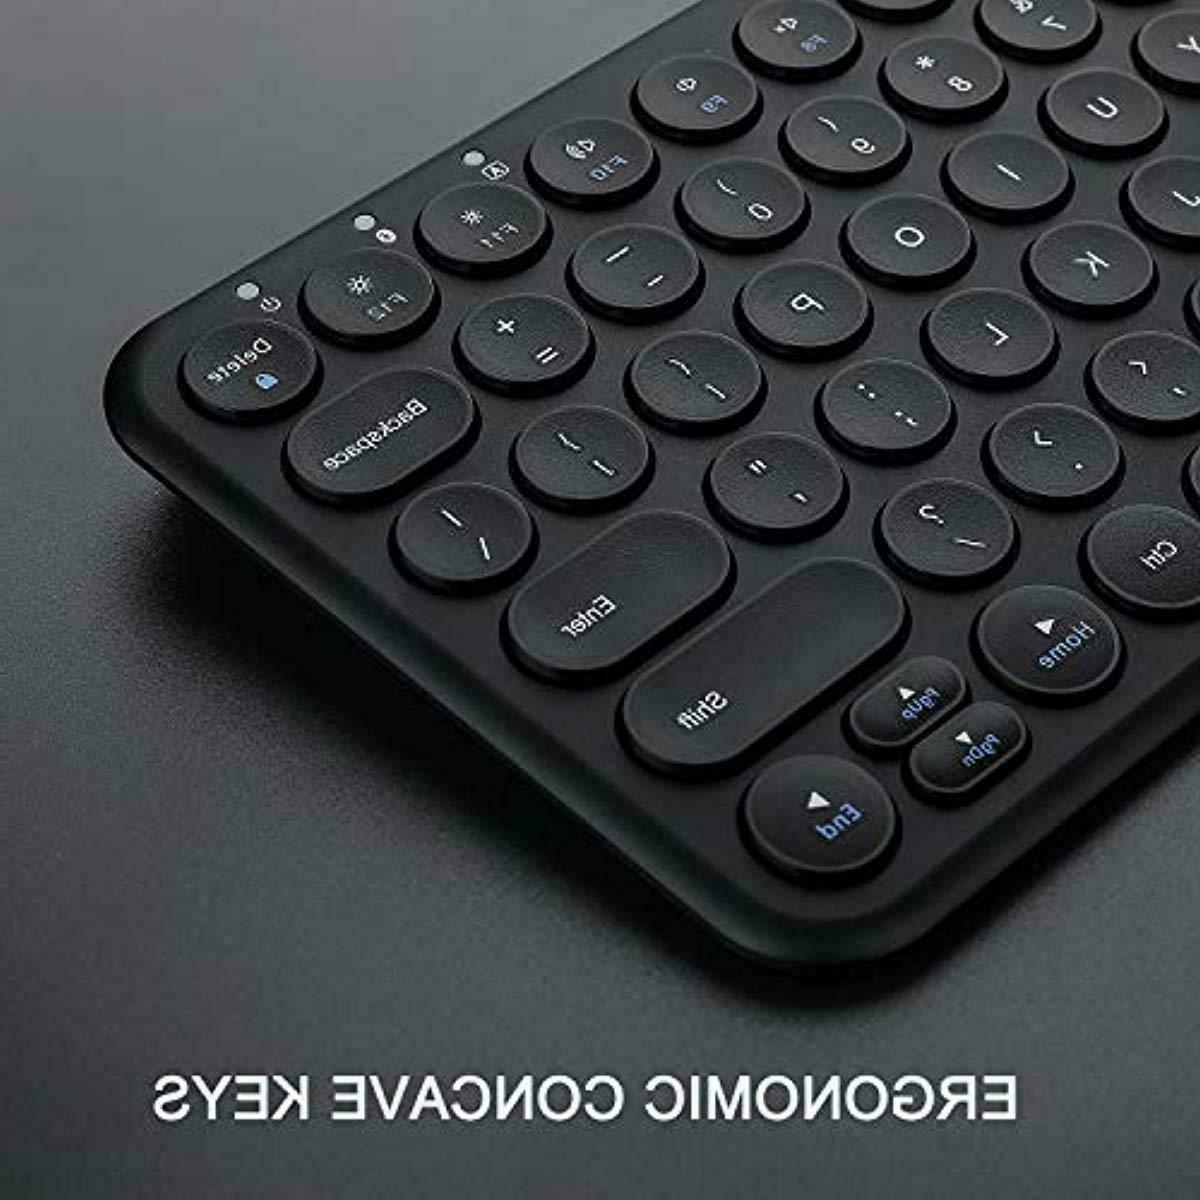 Wireless Keyboard and Combo, Jelly Sma